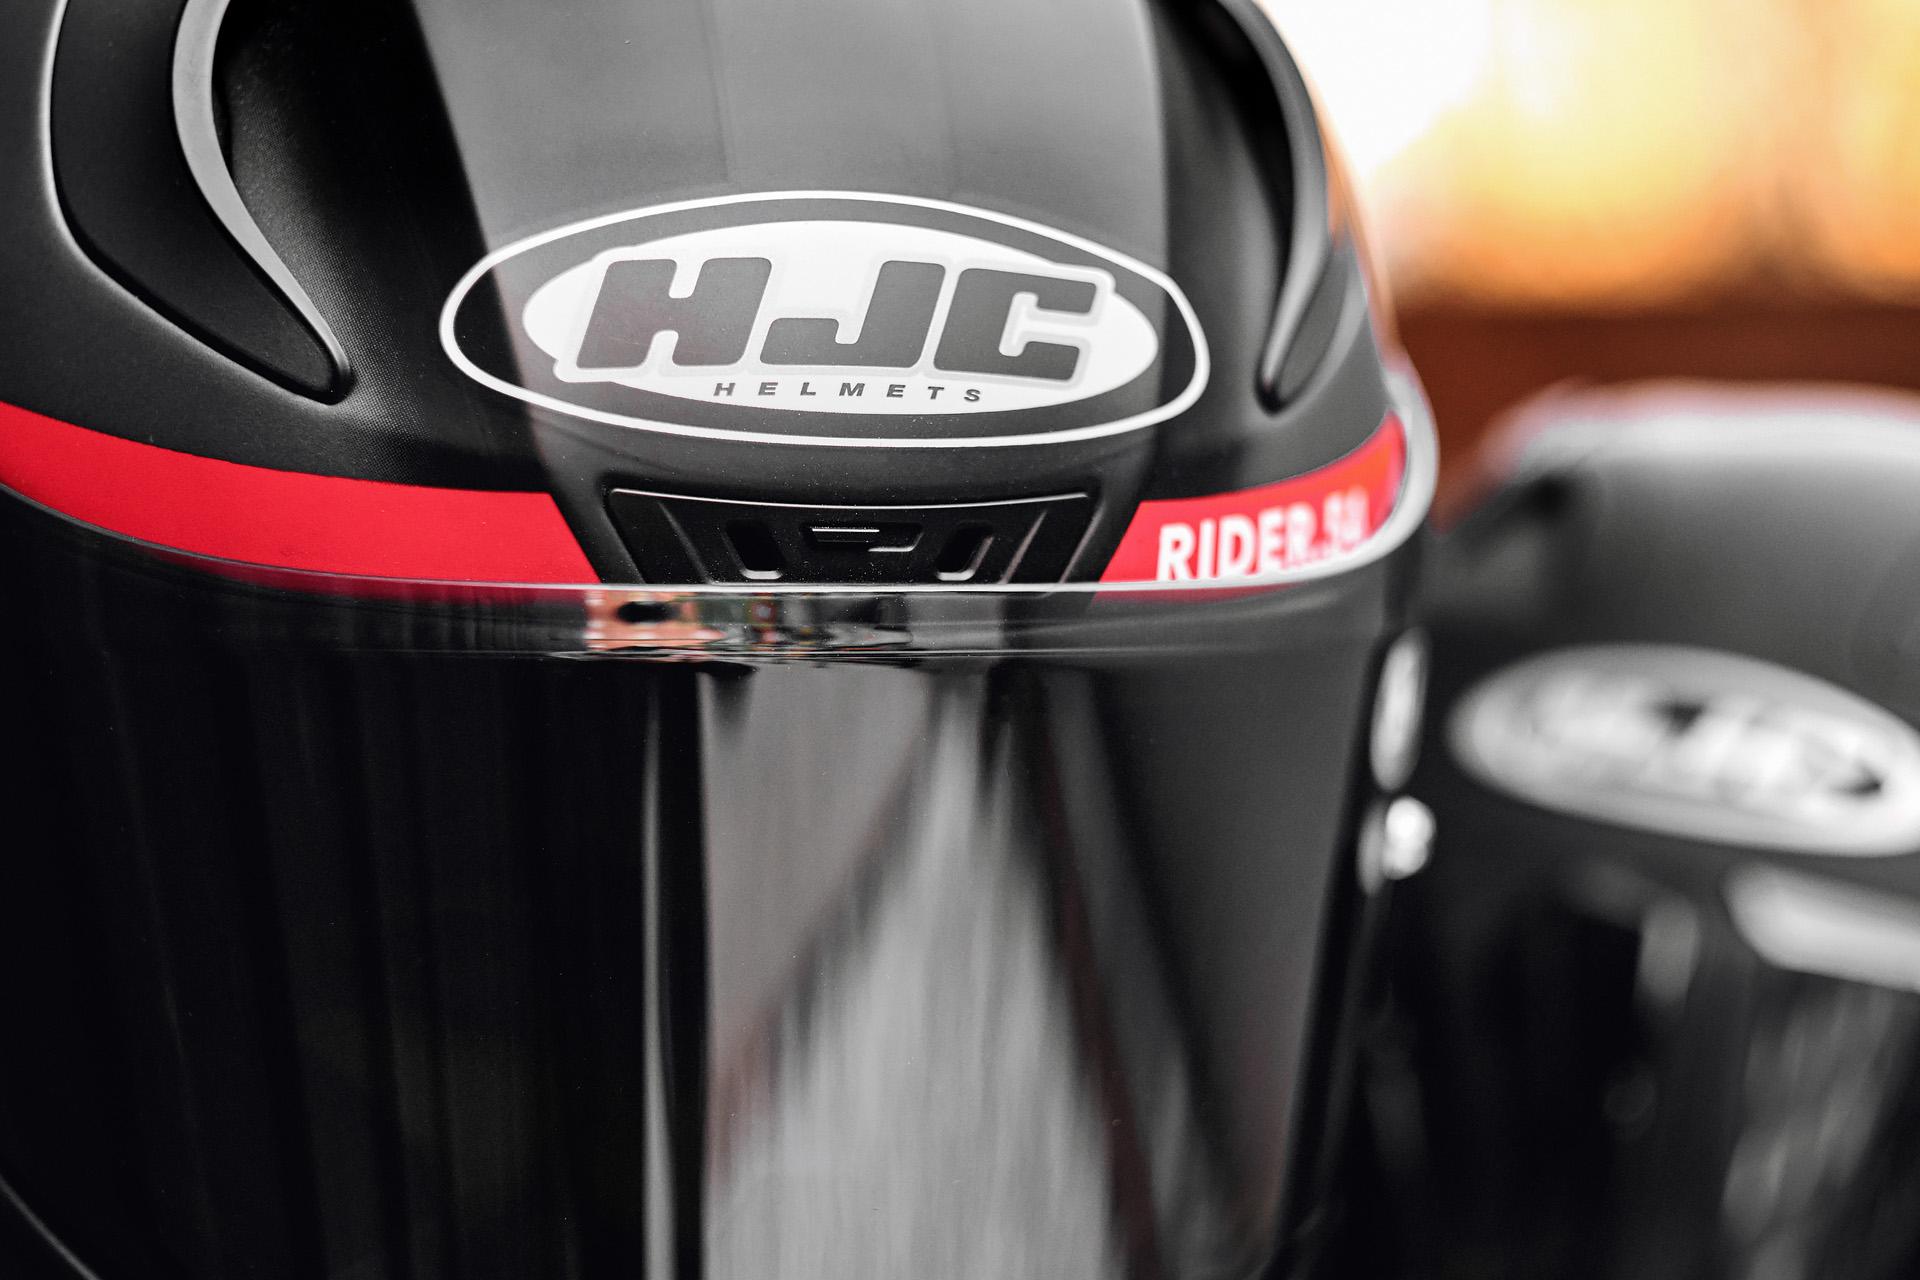 RIDER.54 AND DARI_RR HJC Helmets